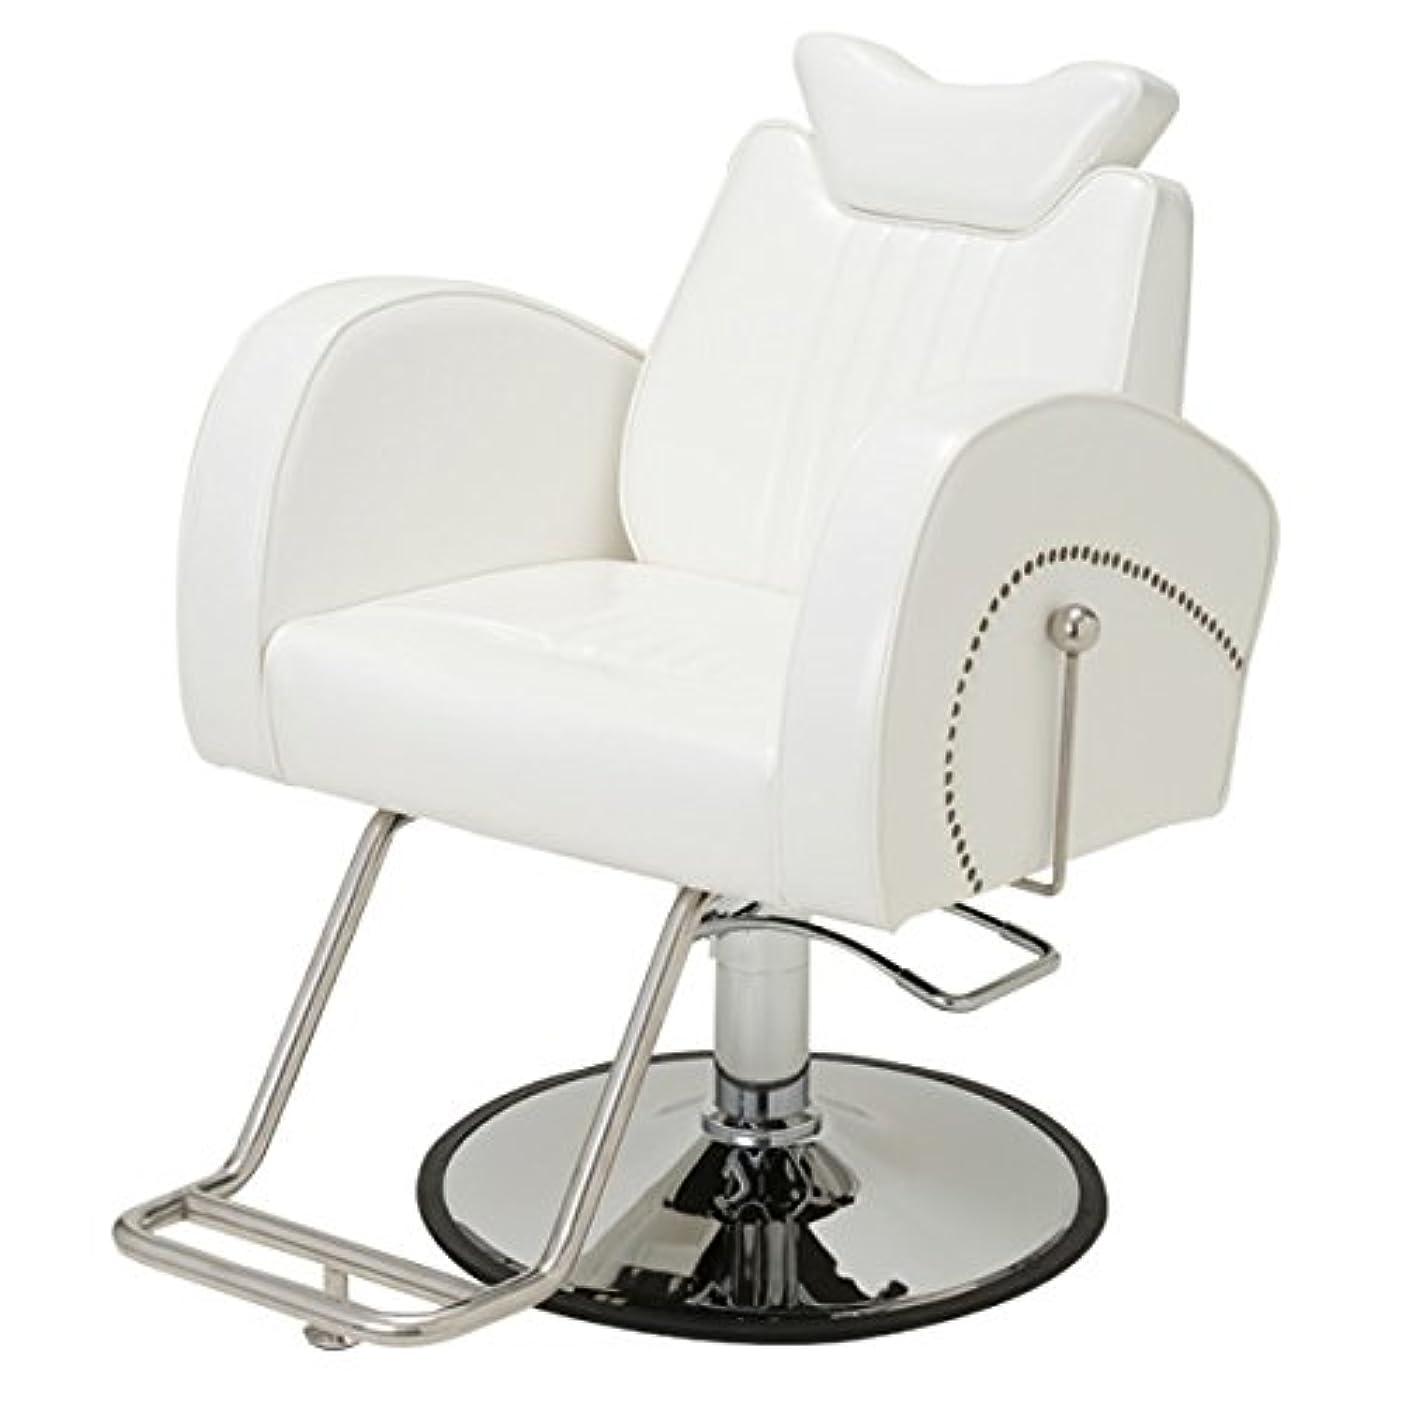 手動マクラ付き マルチチェア Cozy 802 ホワイト [ スタイリングチェア シャンプー椅子 チェア 椅子 イス セットチェア セット椅子 セットイス カットチェア カット椅子 カットイス 美容室椅子 美容室 美容師 ]